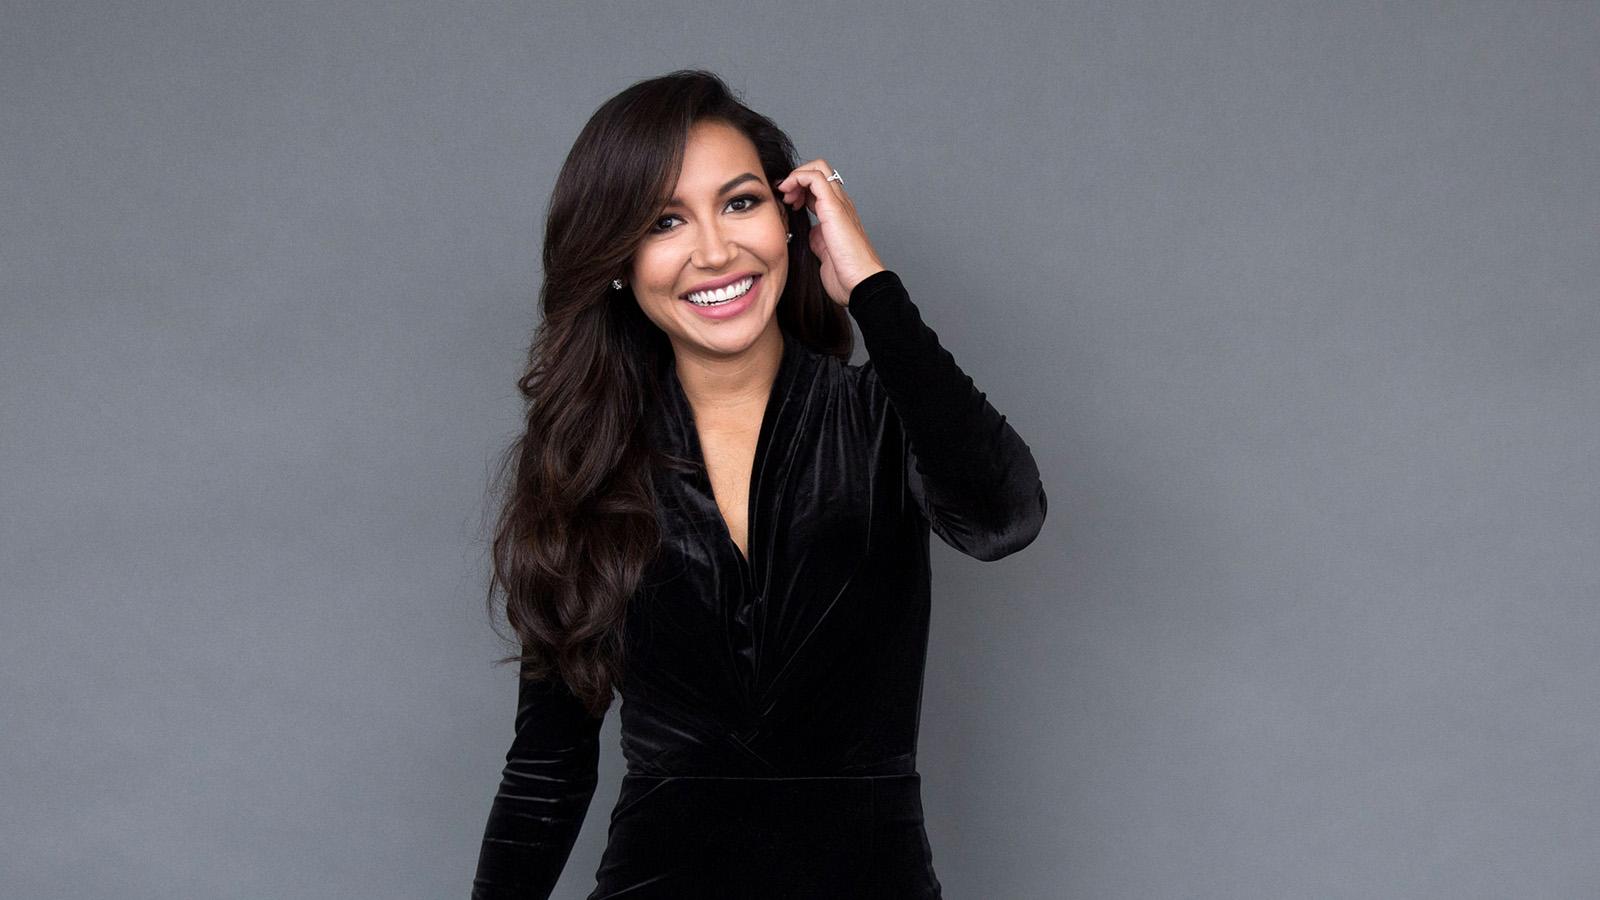 nữ diễn viên Naya Rivera